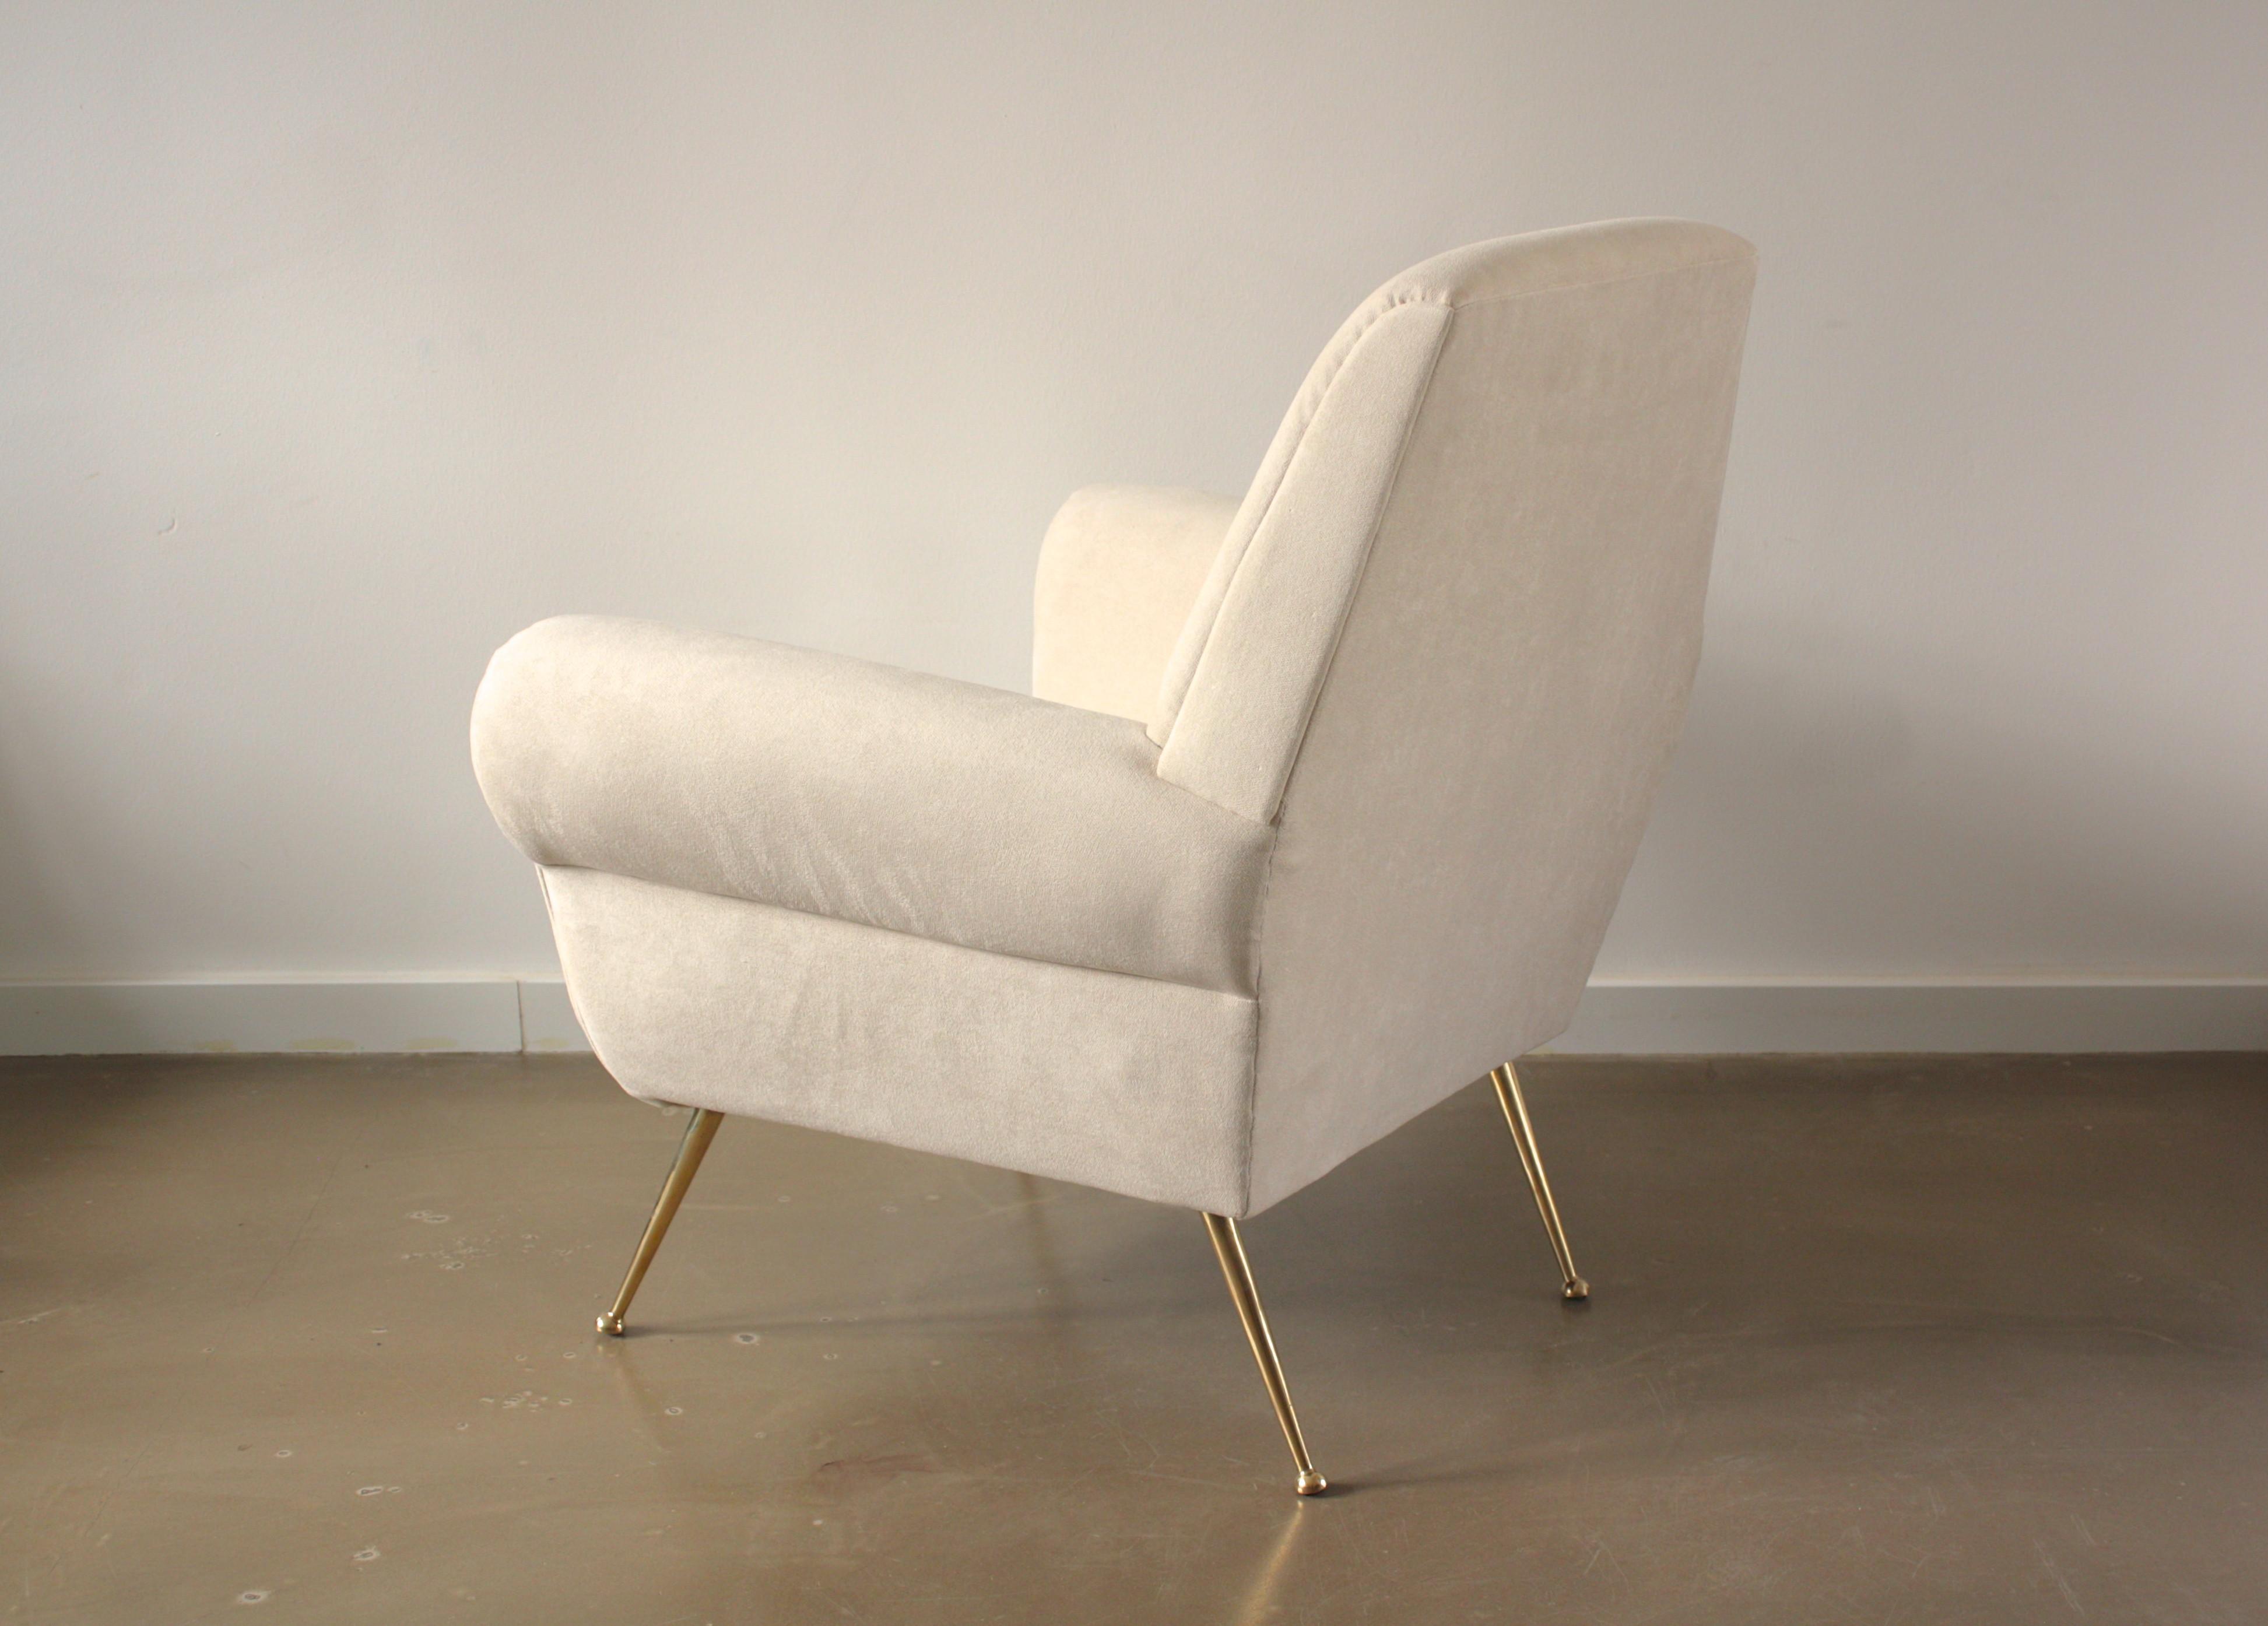 italian white furniture. Previous Next Italian White Furniture A